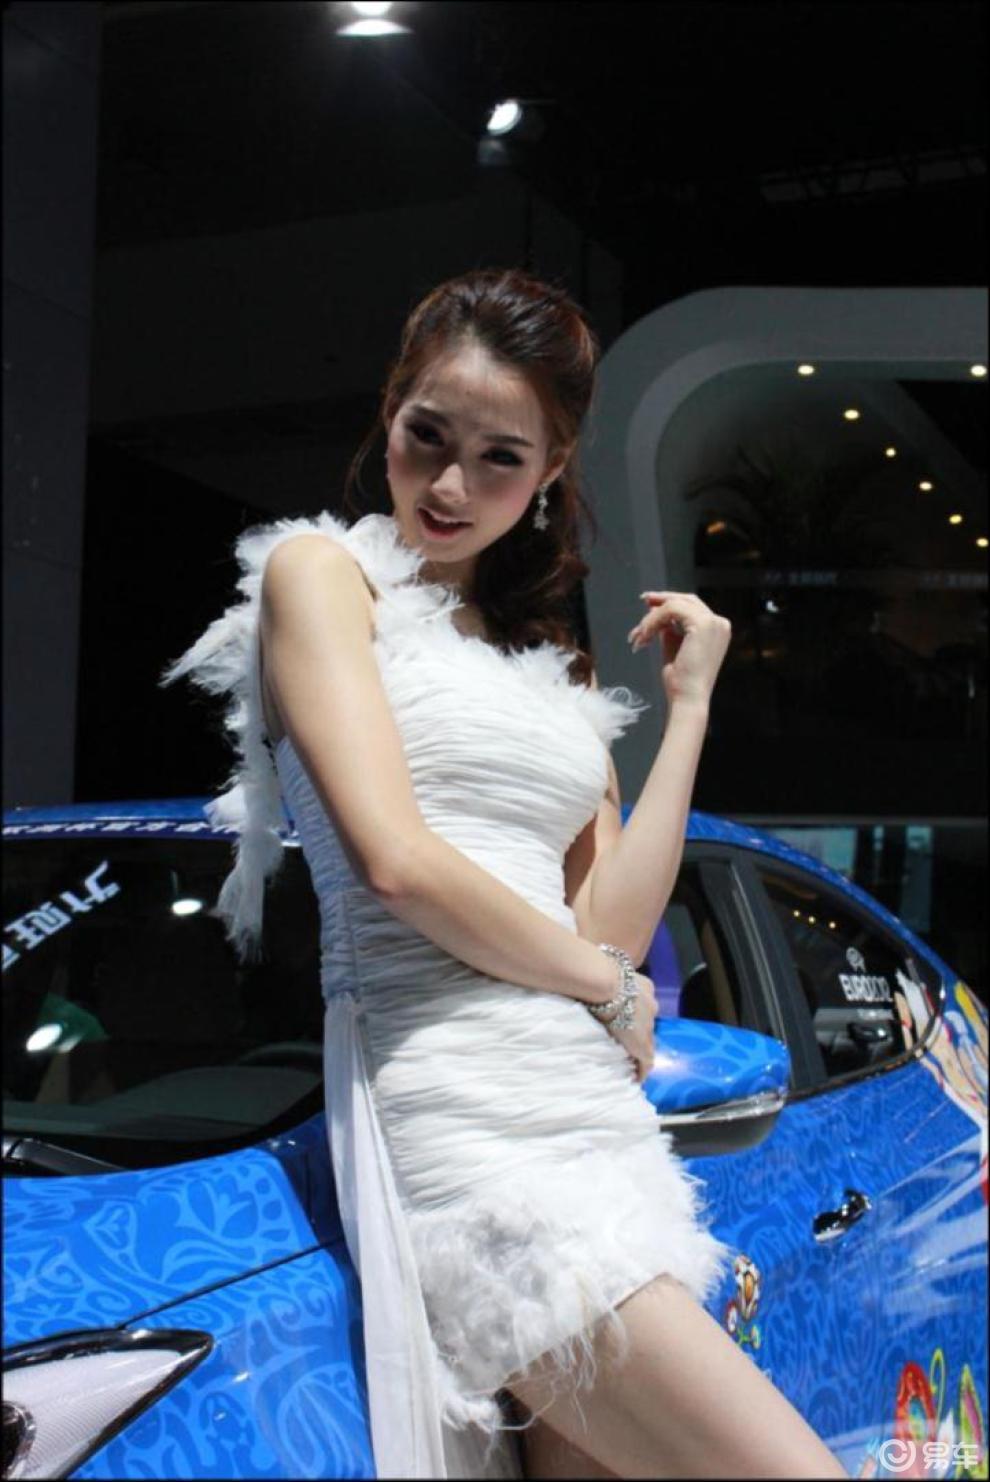 【北京现代美女车模图片】 易车网bitautocom